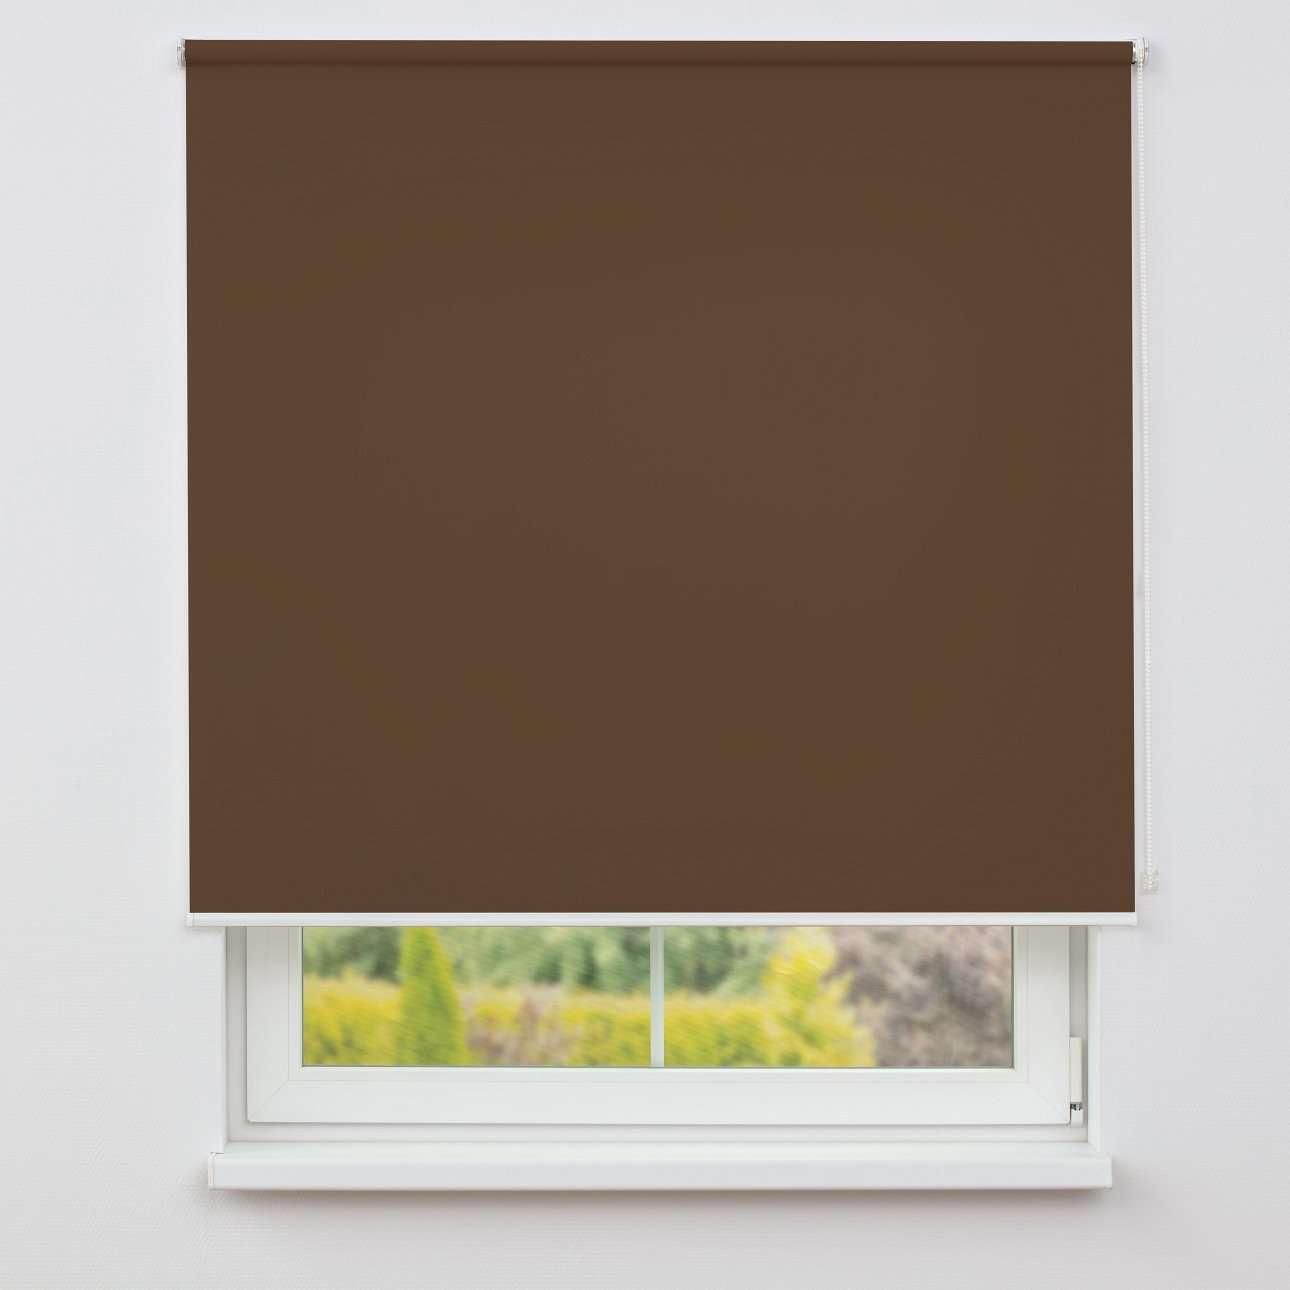 Rullegardin mørklæggende fra kollektionen Rullegardinstof mørklægning, Stof: 066